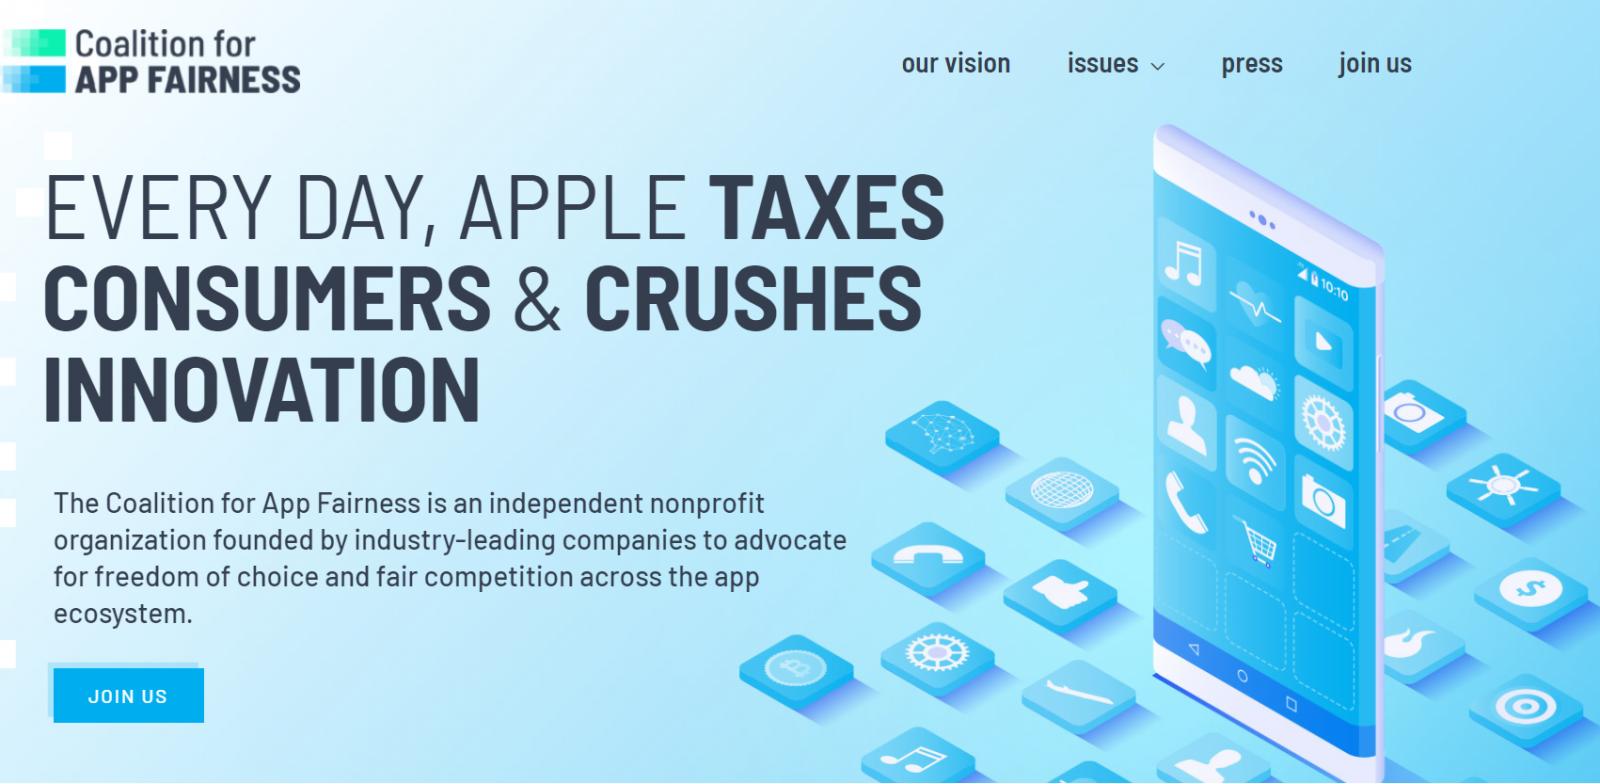 Разработчики приложений создали коалицию для борьбы с монополизмом Apple